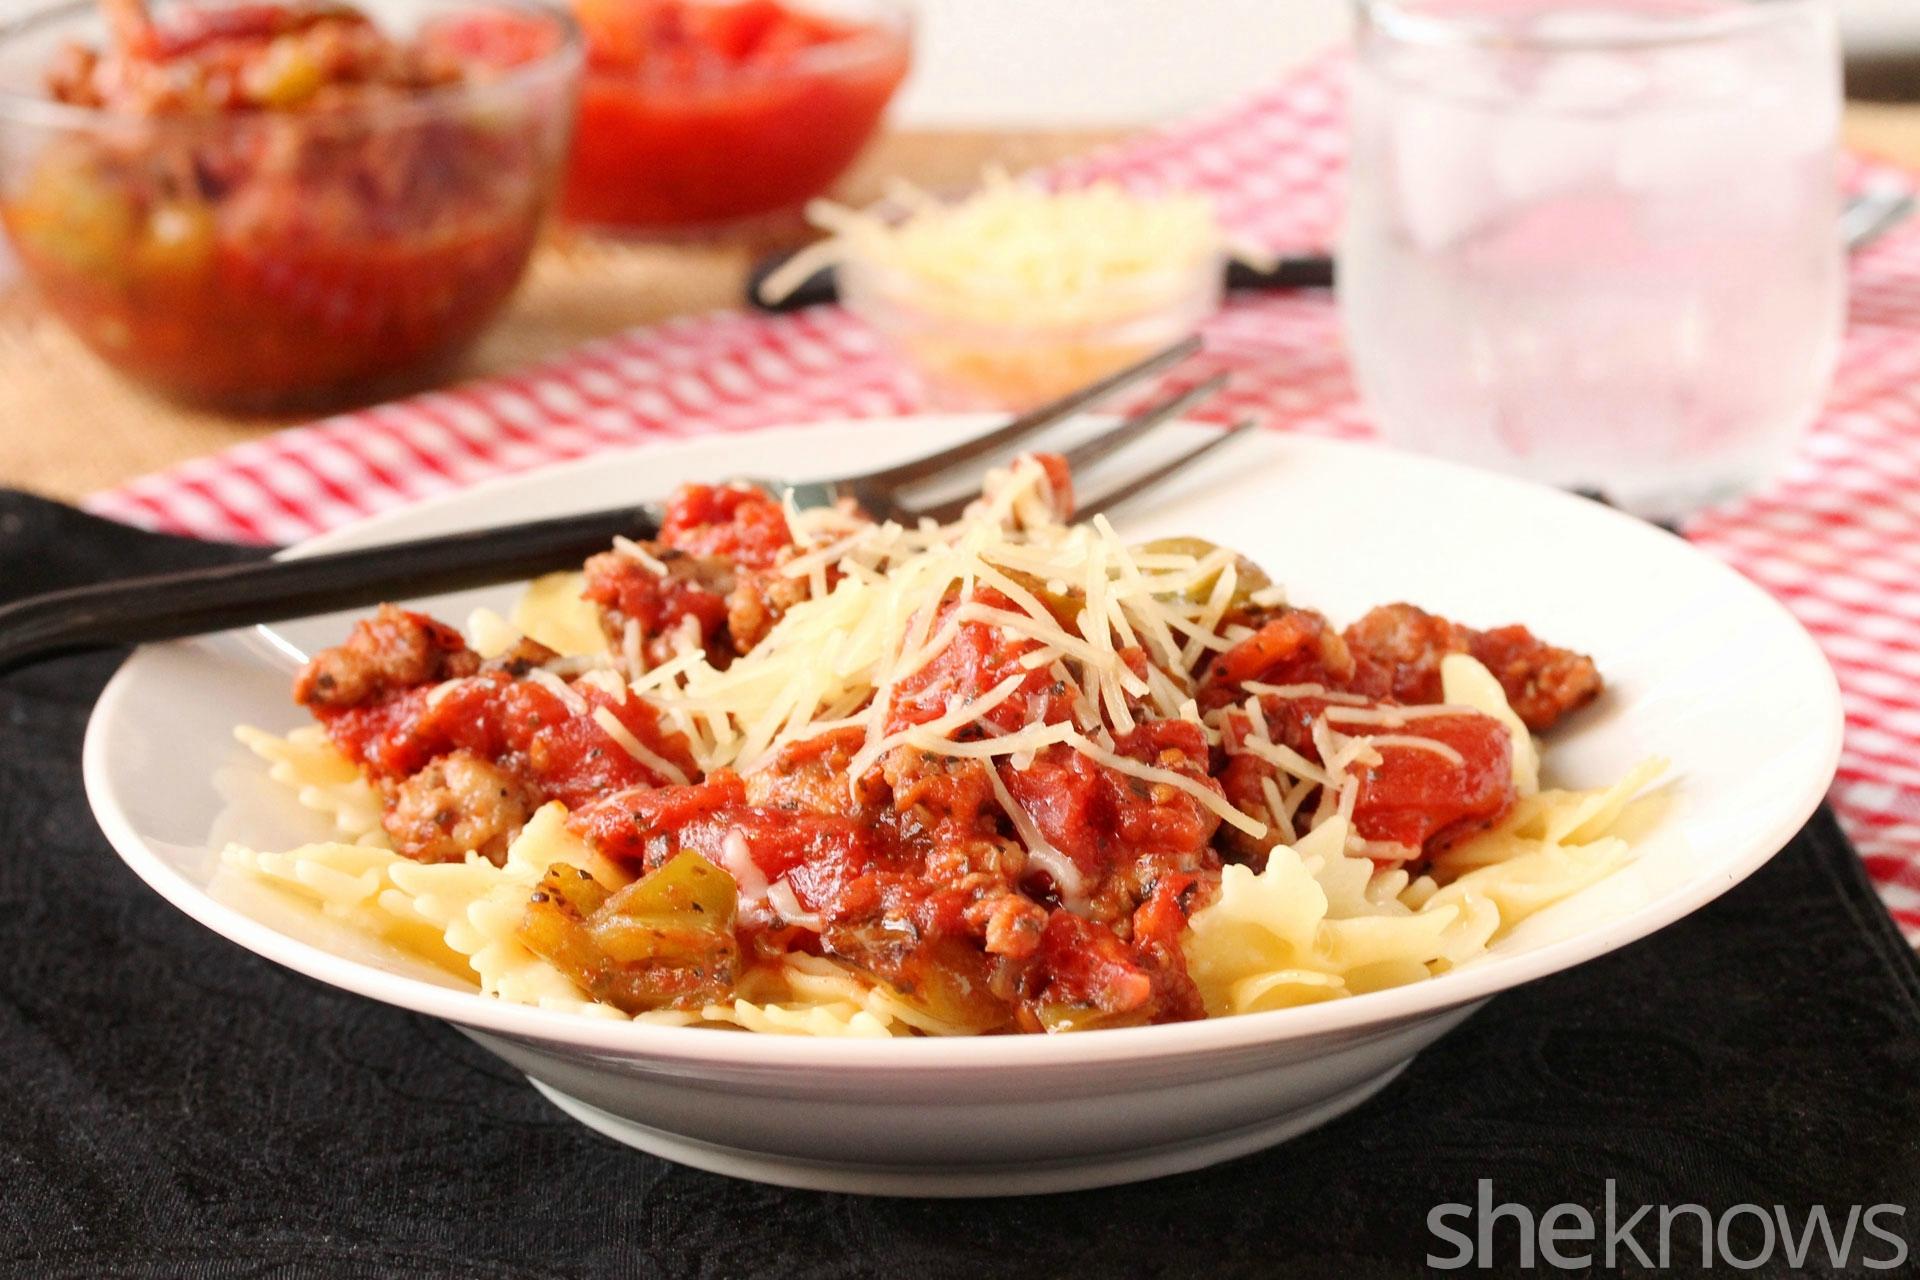 tomato-pasta-sauce-with-sausage